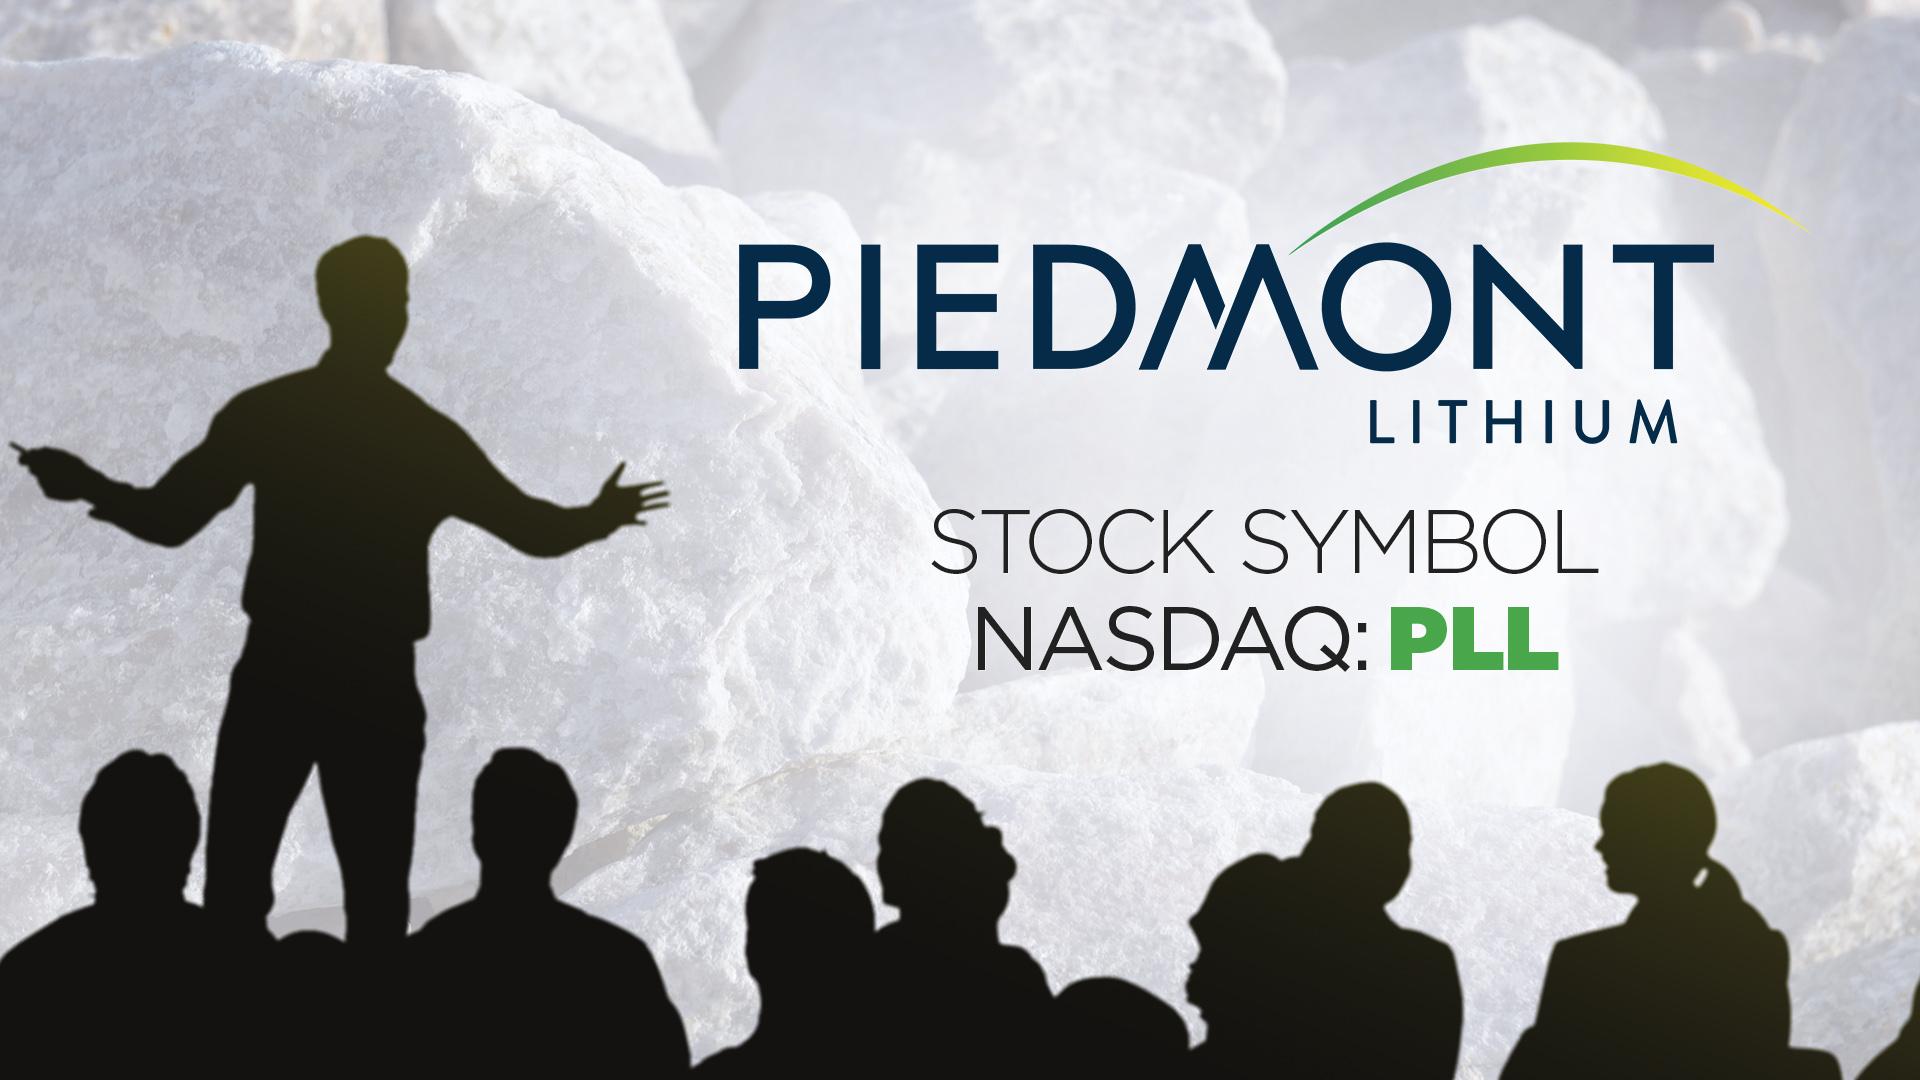 Piedmont Lithium Webinar